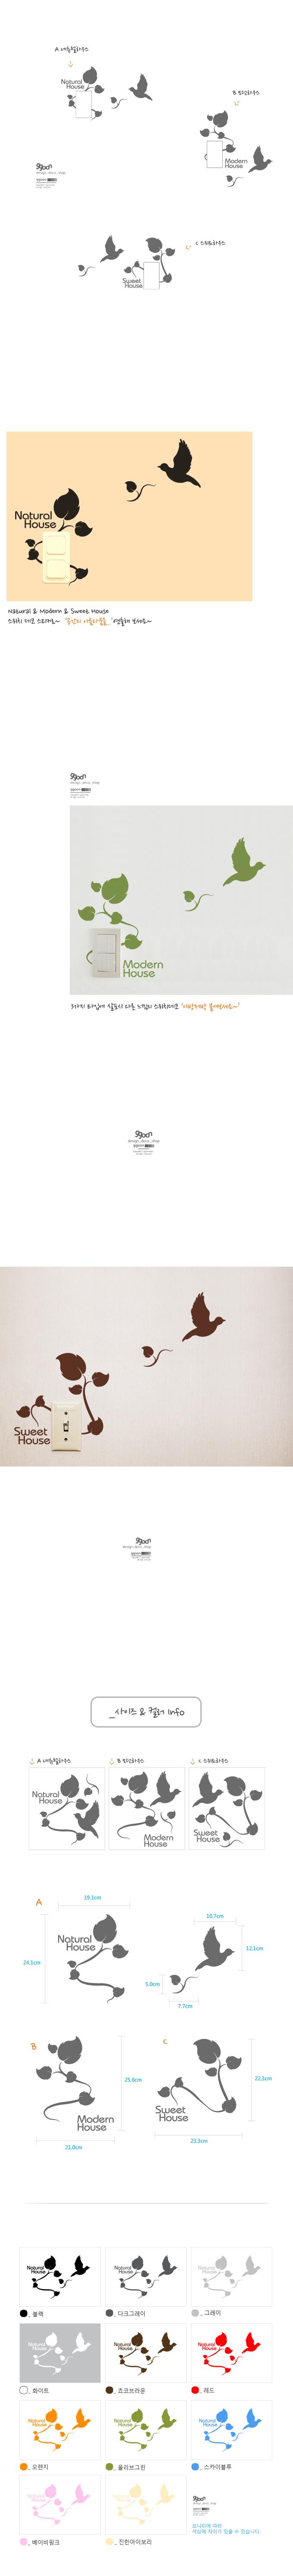 빠띠라인 디자인 스티커 b060_나뭇잎 스위치 - 빠띠빠띠, 6,000원, 월데코스티커, 스위치